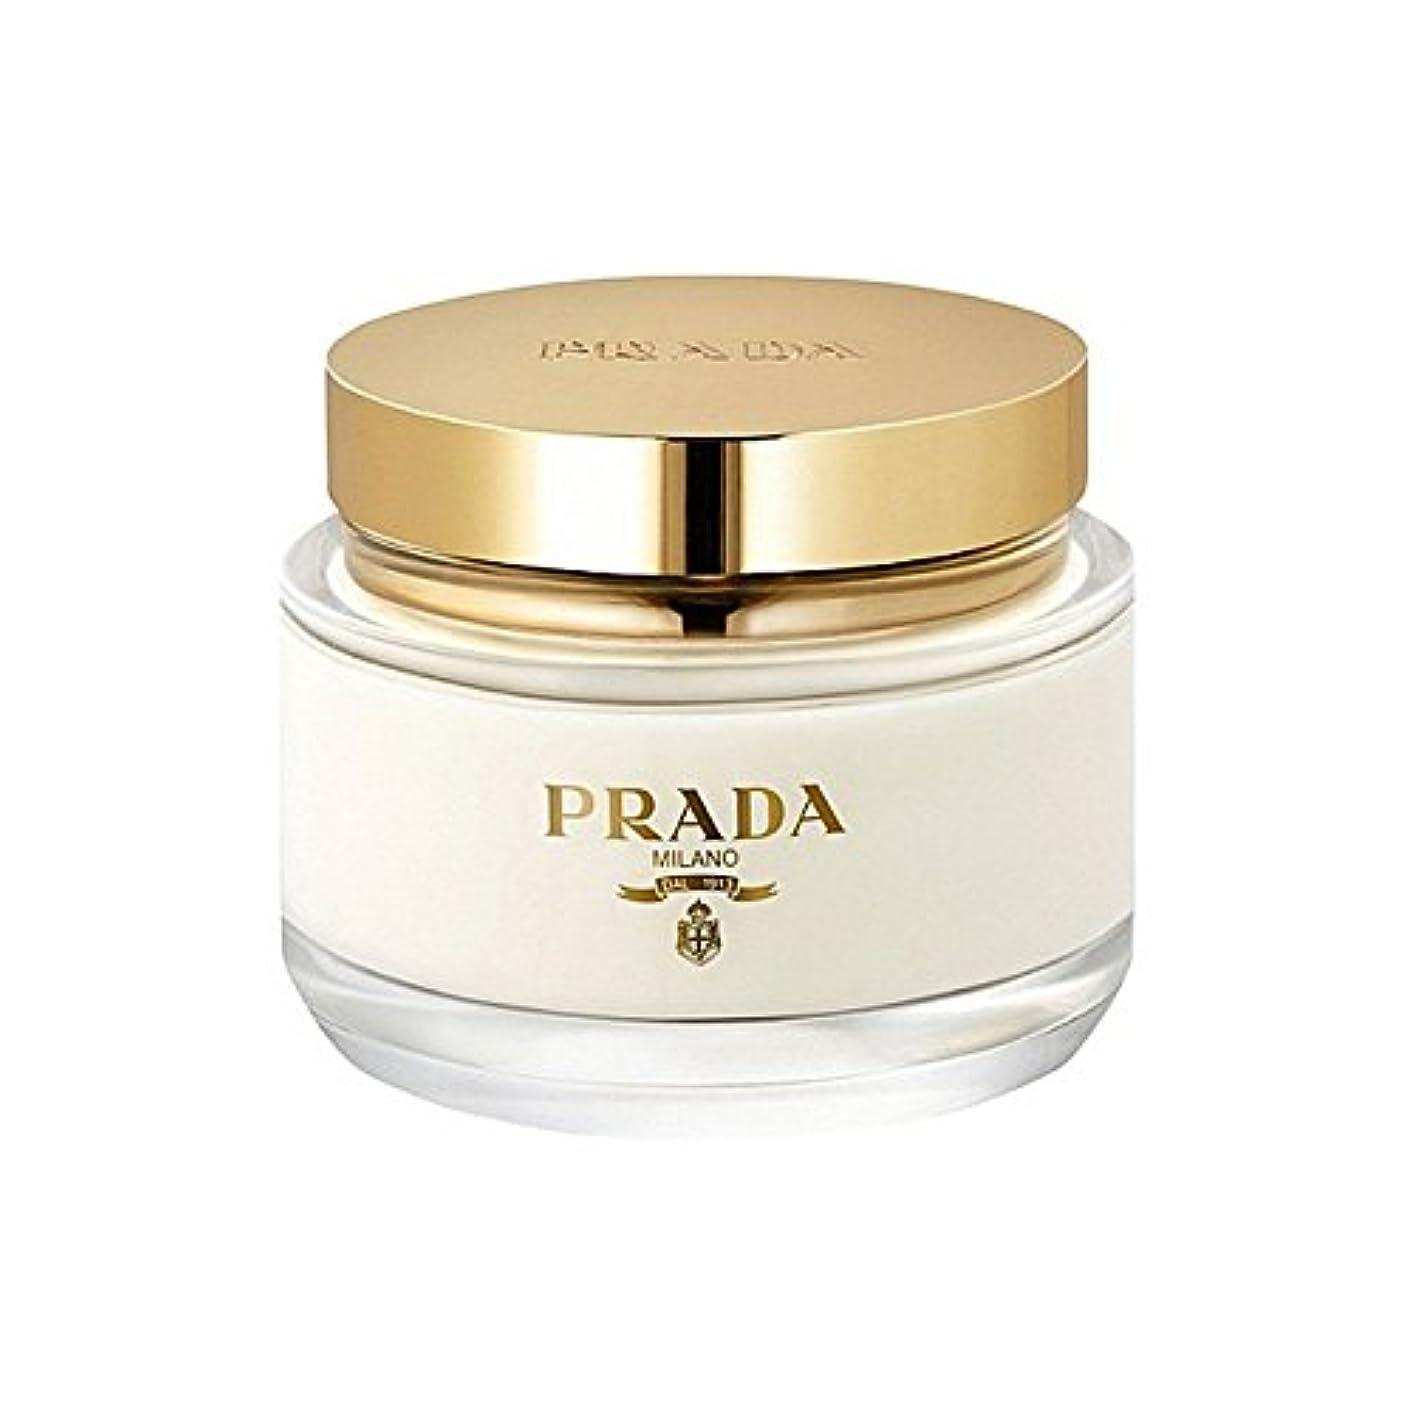 シュリンク対処皿Prada La Femme Body Cream 200ml - プラダラファムボディクリーム200ミリリットル [並行輸入品]